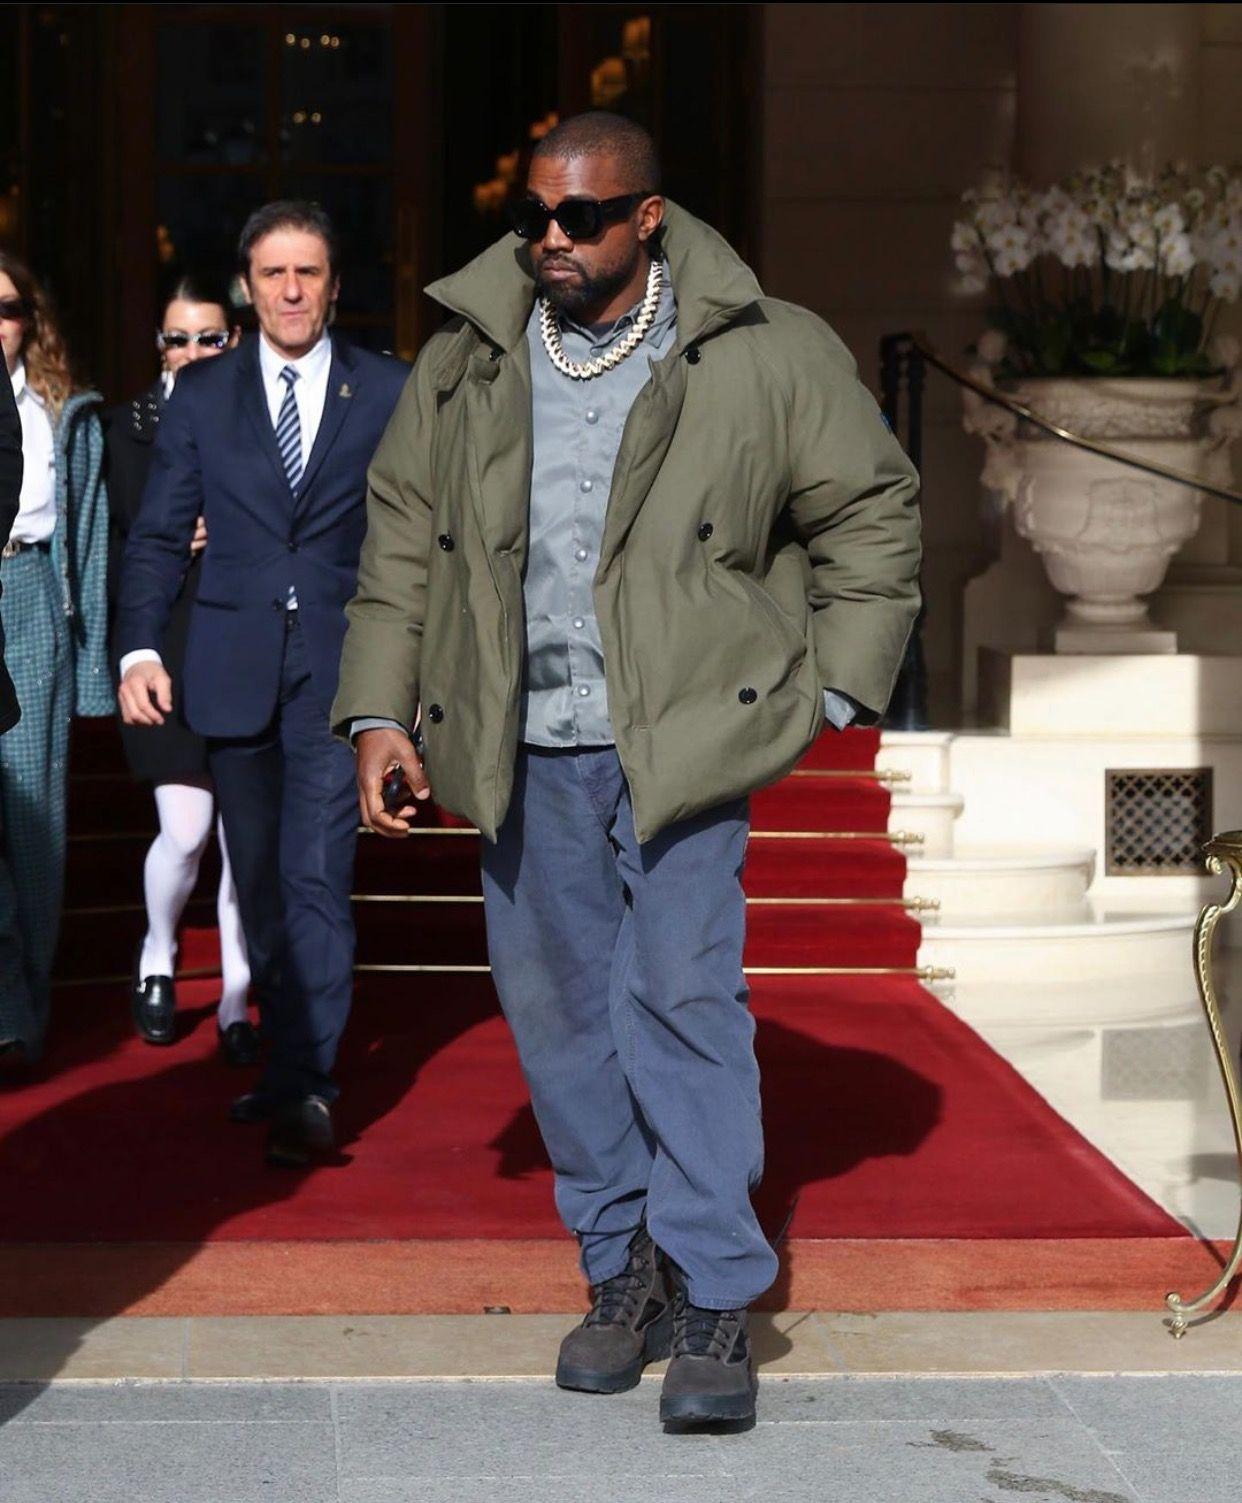 Pin By Wardba On Kanye West In 2020 Kanye West Bomber Jacket Fitness Inspo